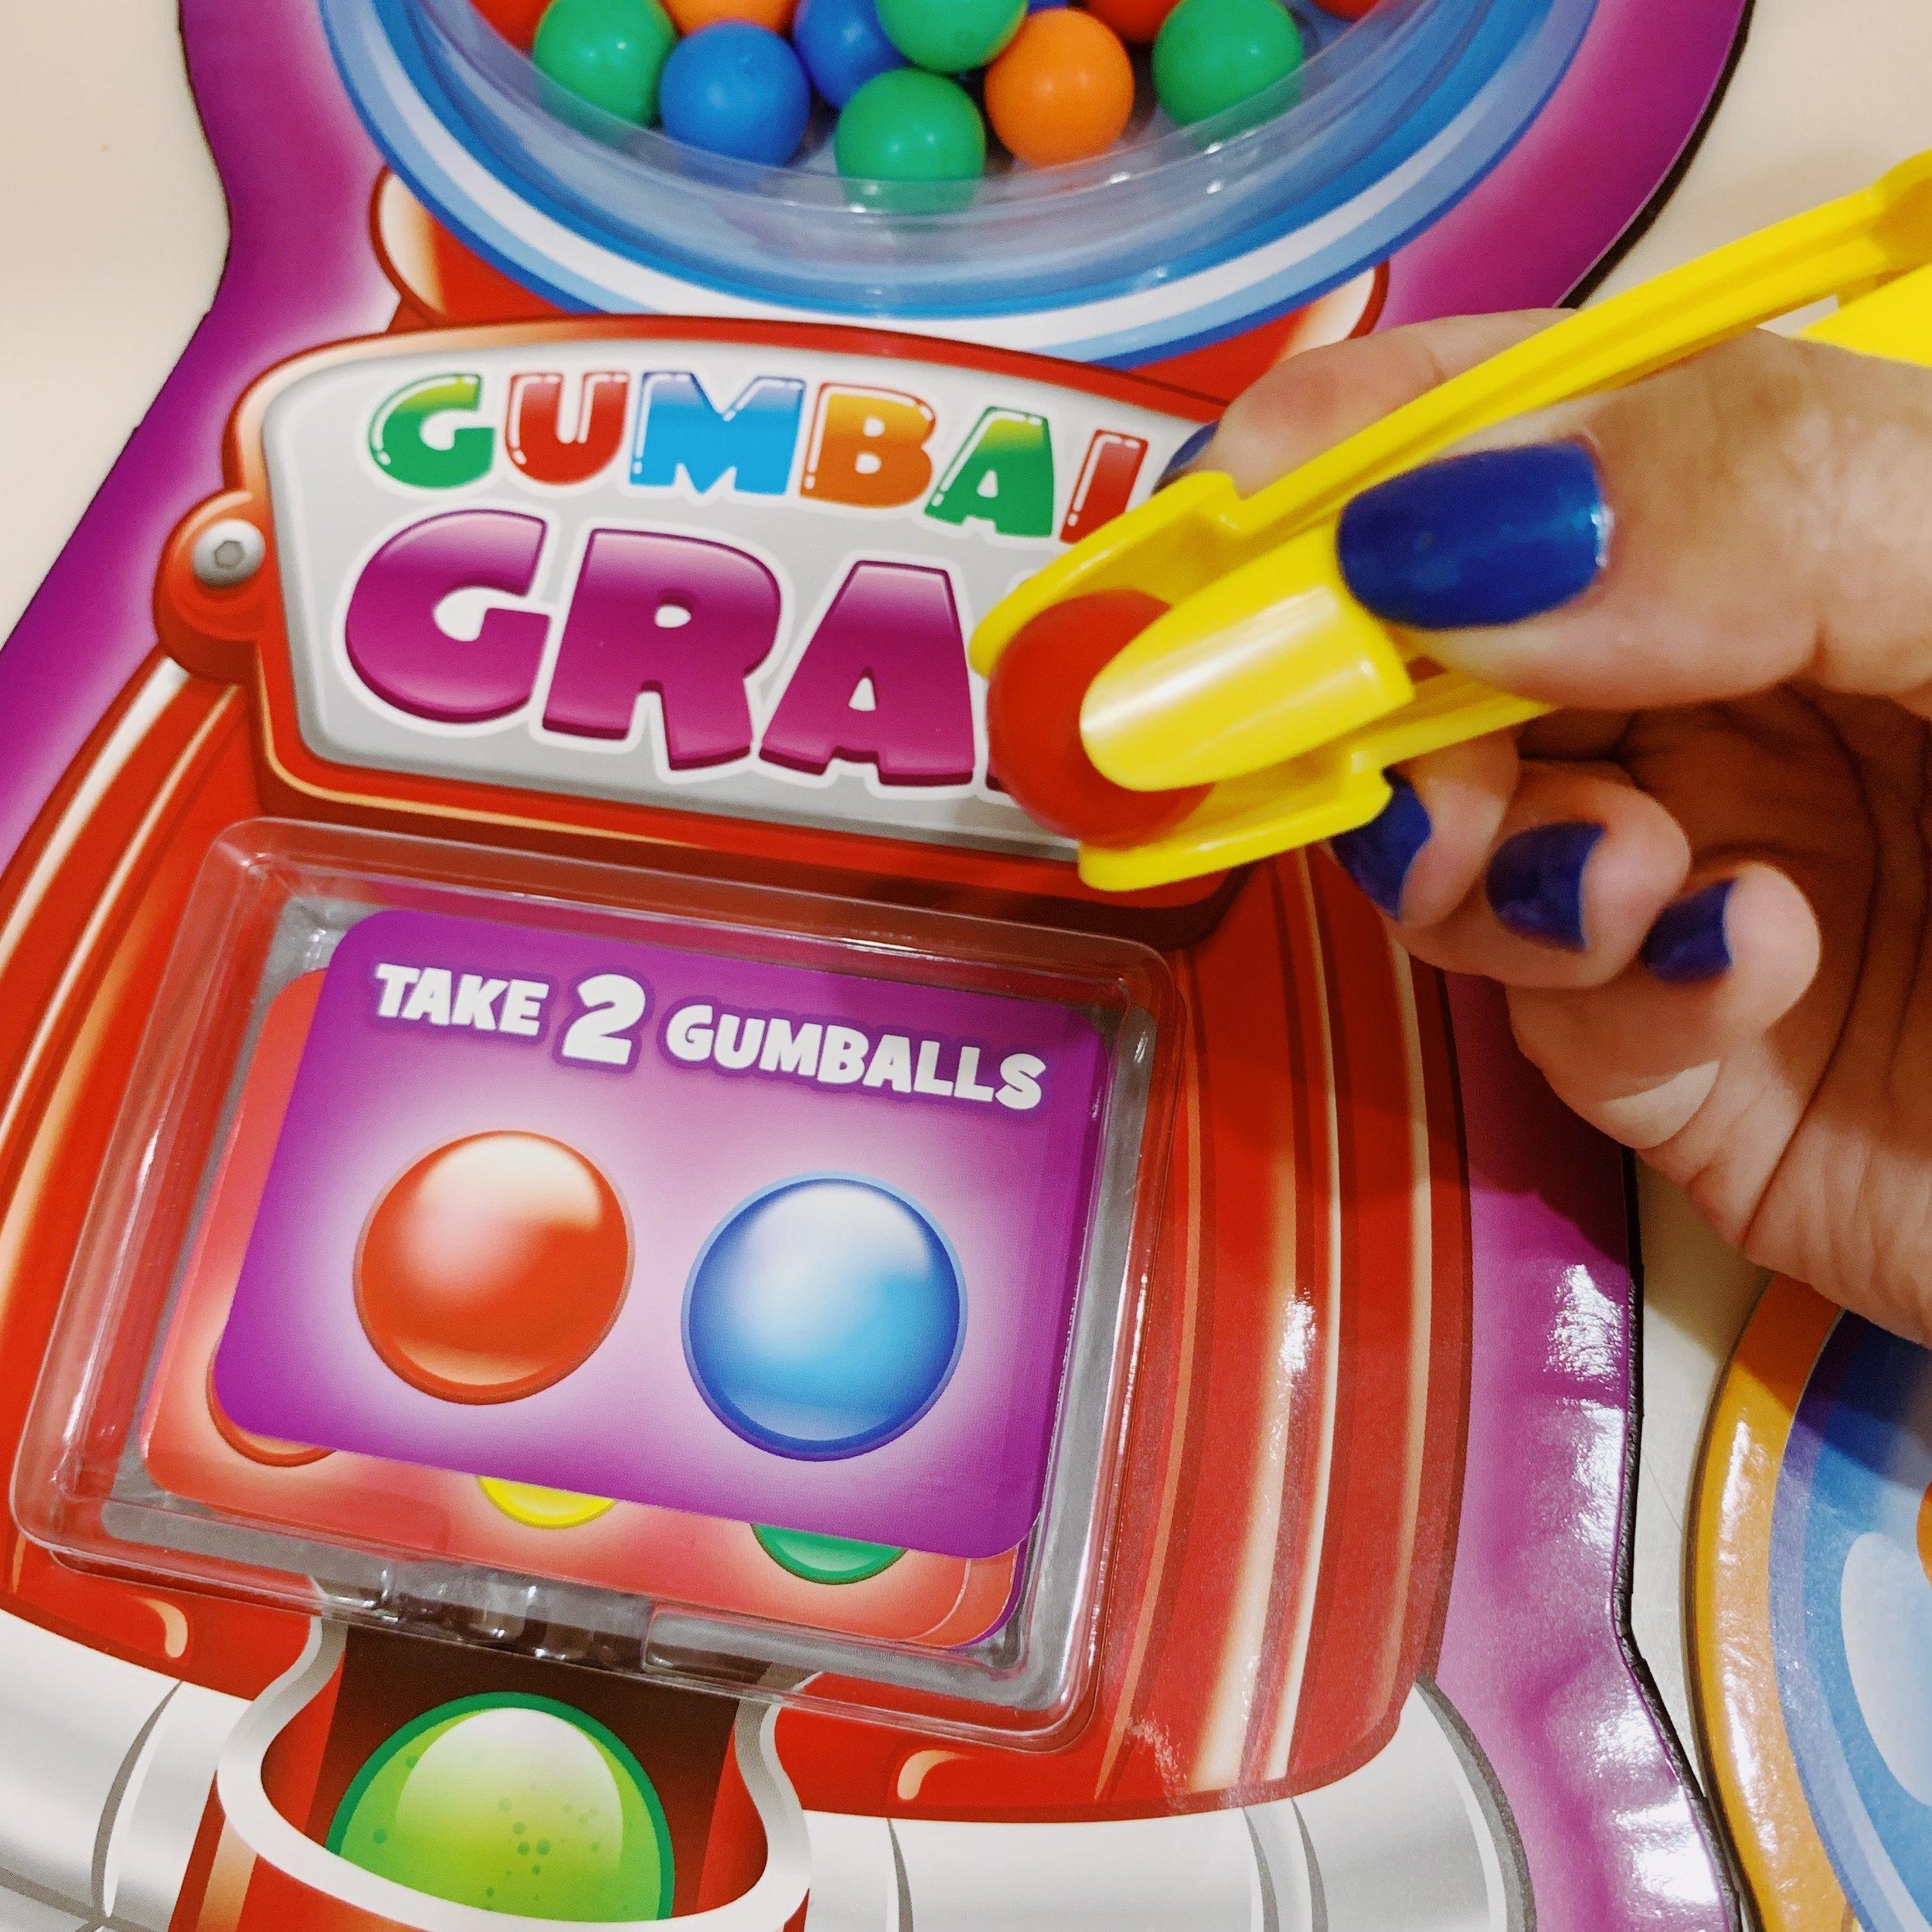 gumball grab 6.jpg